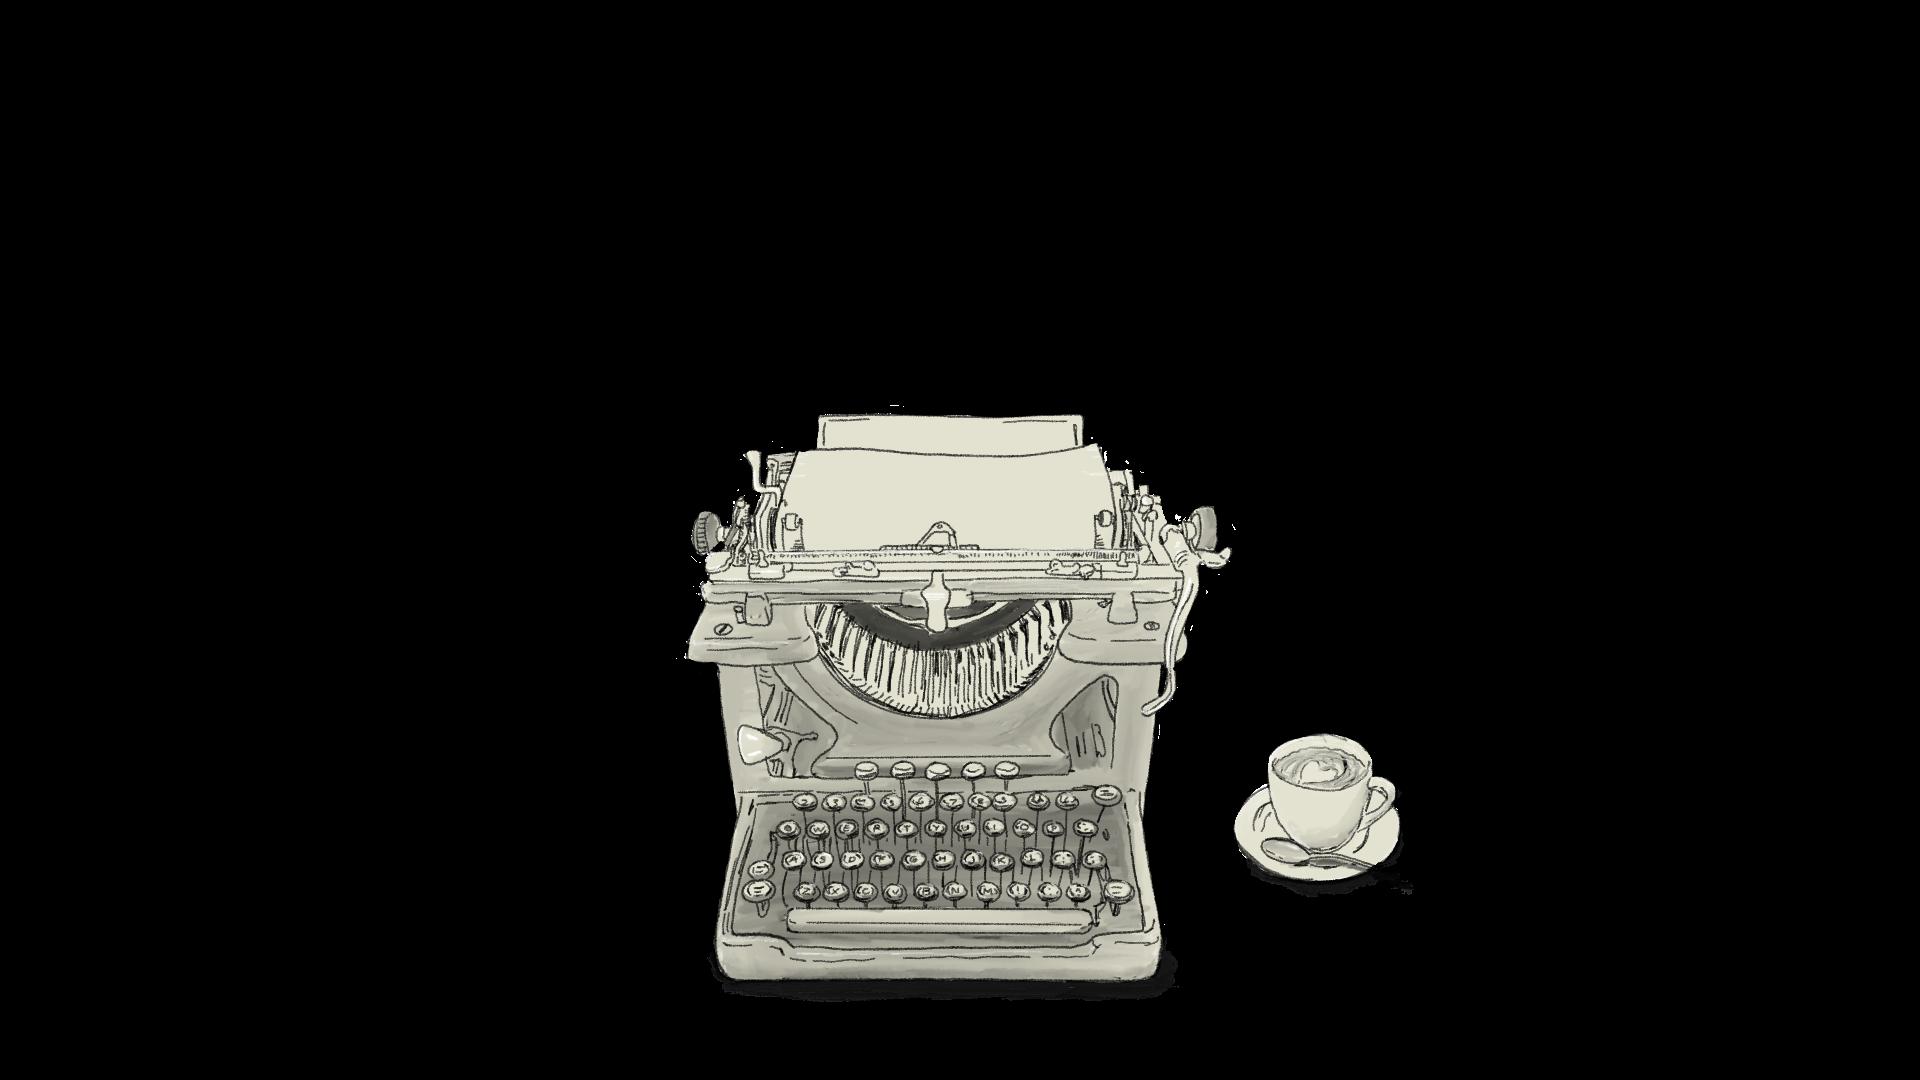 Voorleesverhaaltjes Typmachine en cappuccino